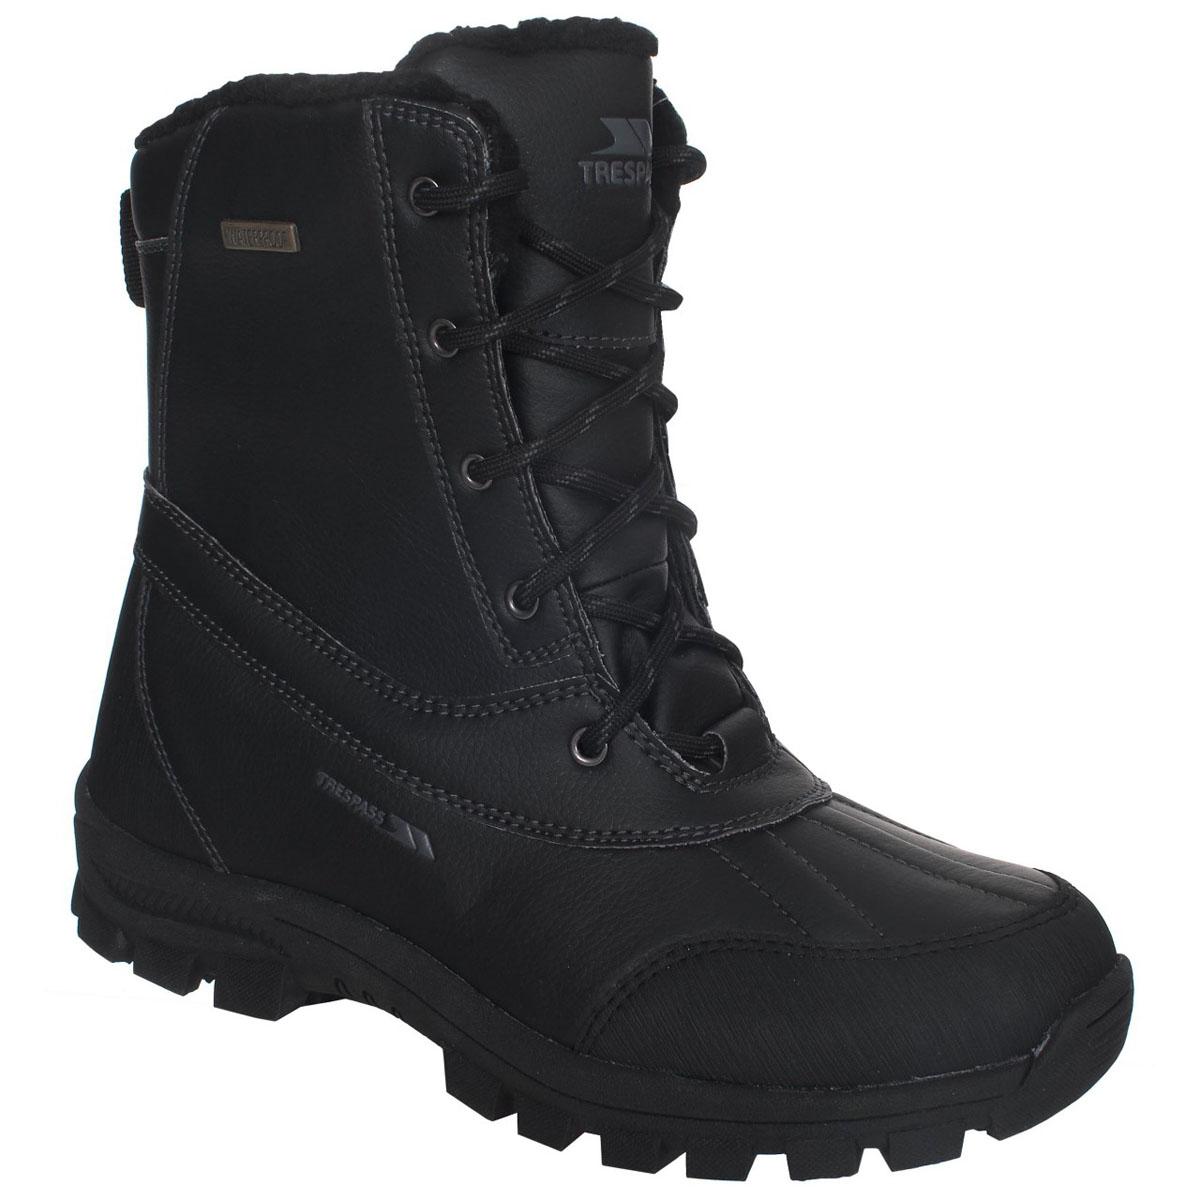 Ботинки трекинговые мужские Trespass Hikten, цвет: черный. MAFOBOJ20001. Размер 41MAFOBOJ20001Современные трекинговые ботинки Hikten от Trespass выполнены из водонепроницаемого полиуретана. Подкладка из флиса и стелька из текстиля не дадут ногам замерзнуть. Шнуровка надежно зафиксирует модель на ноге. Подошва дополнена рифлением. Ботинки прекрасно подойдут для пеших походов по пересеченной местности.